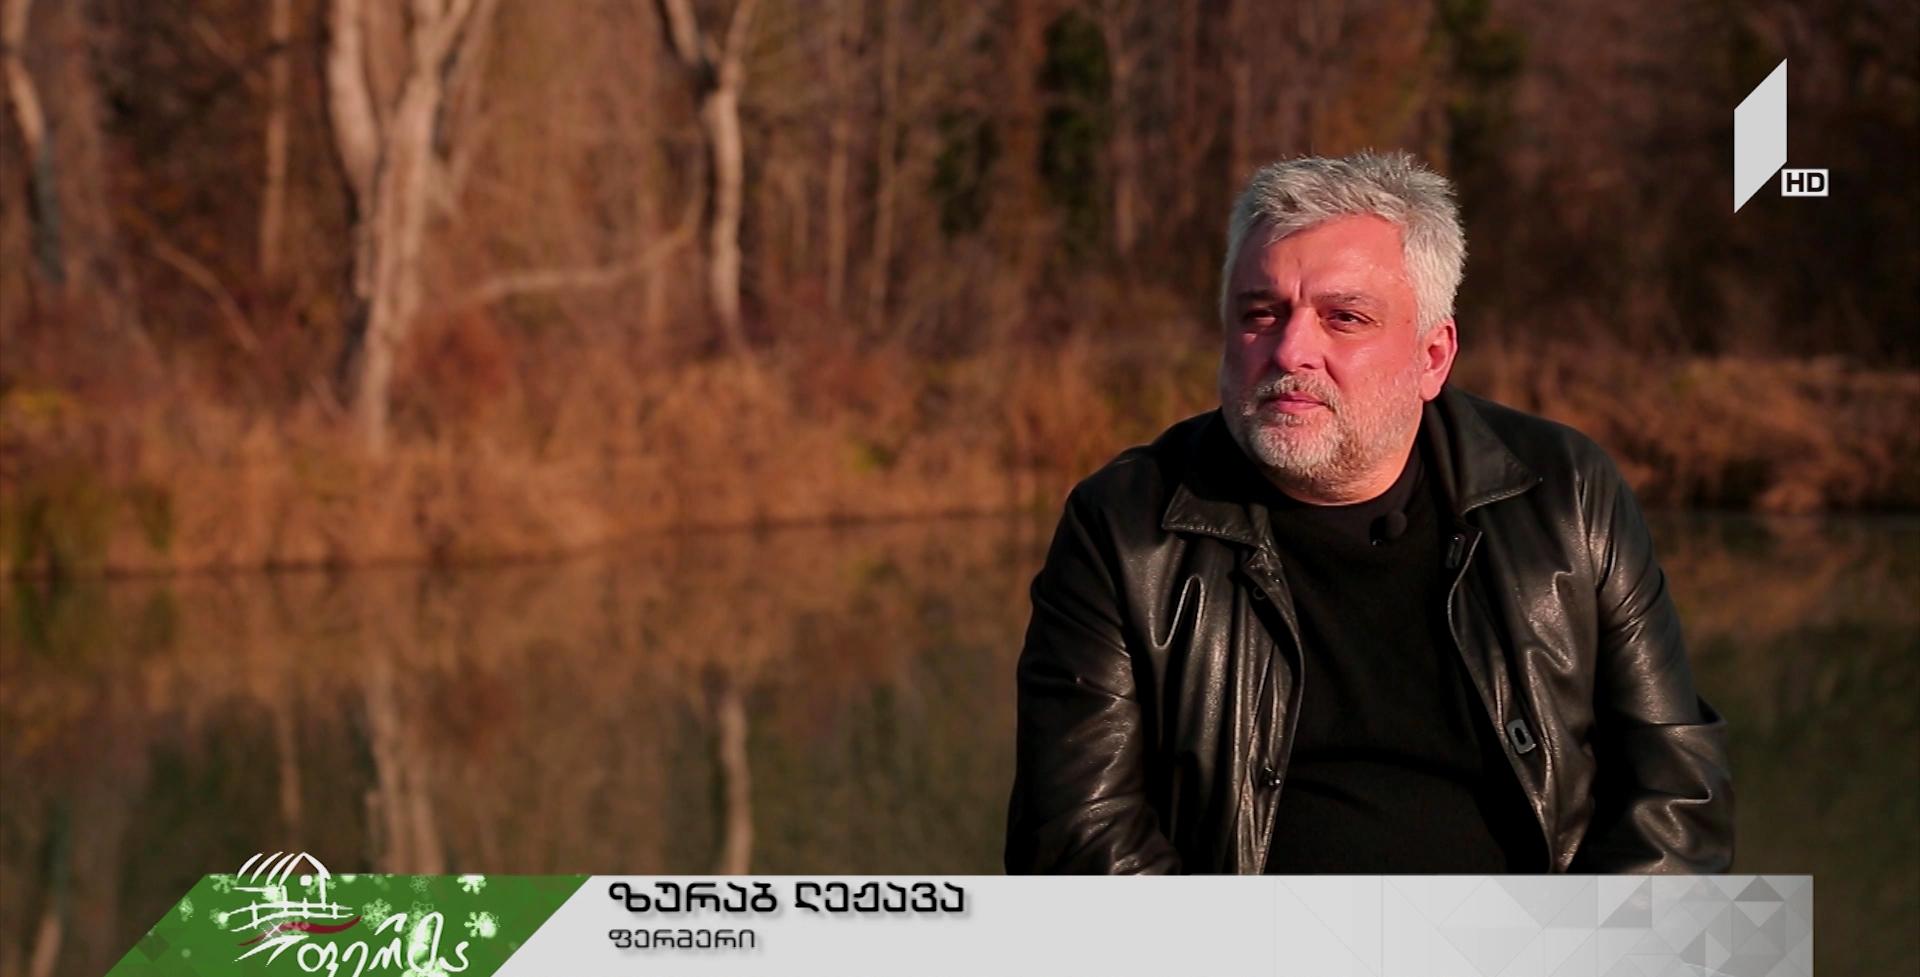 ბიზნესინტრიგა, რომელმაც გაამართლა - ყოფილი წყალბურთელის წვლილი ქართული აკვაკულტურის განვითარებაში